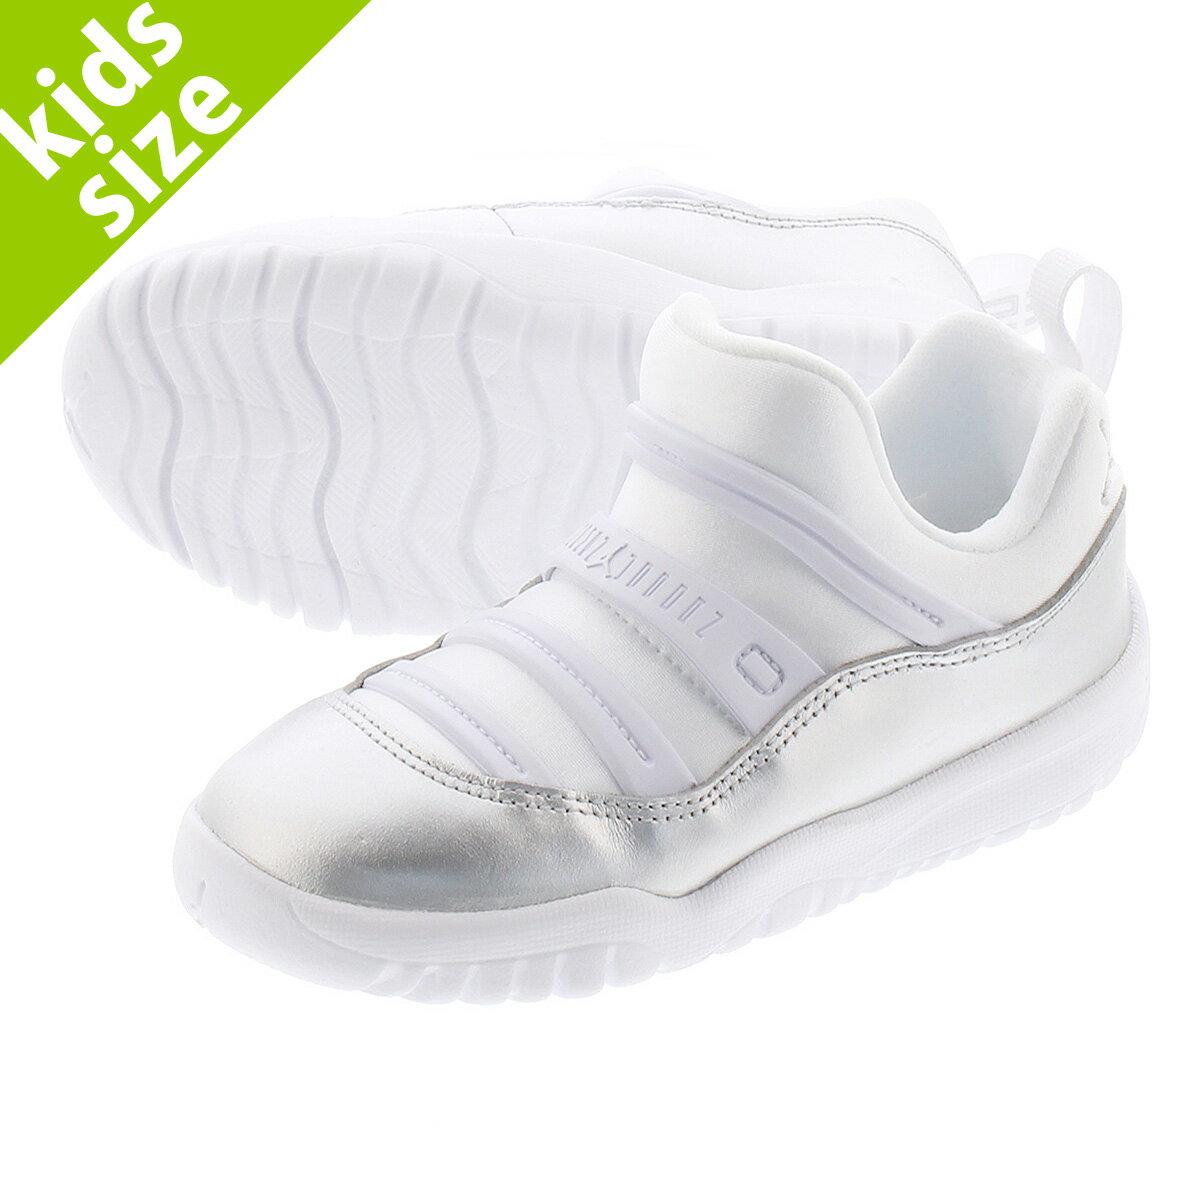 靴, スニーカー  8.016.0cm NIKE AIR JORDAN 11 RETRO LITTLE FLEX TD 11 TD WHITESILVER bq7104-100